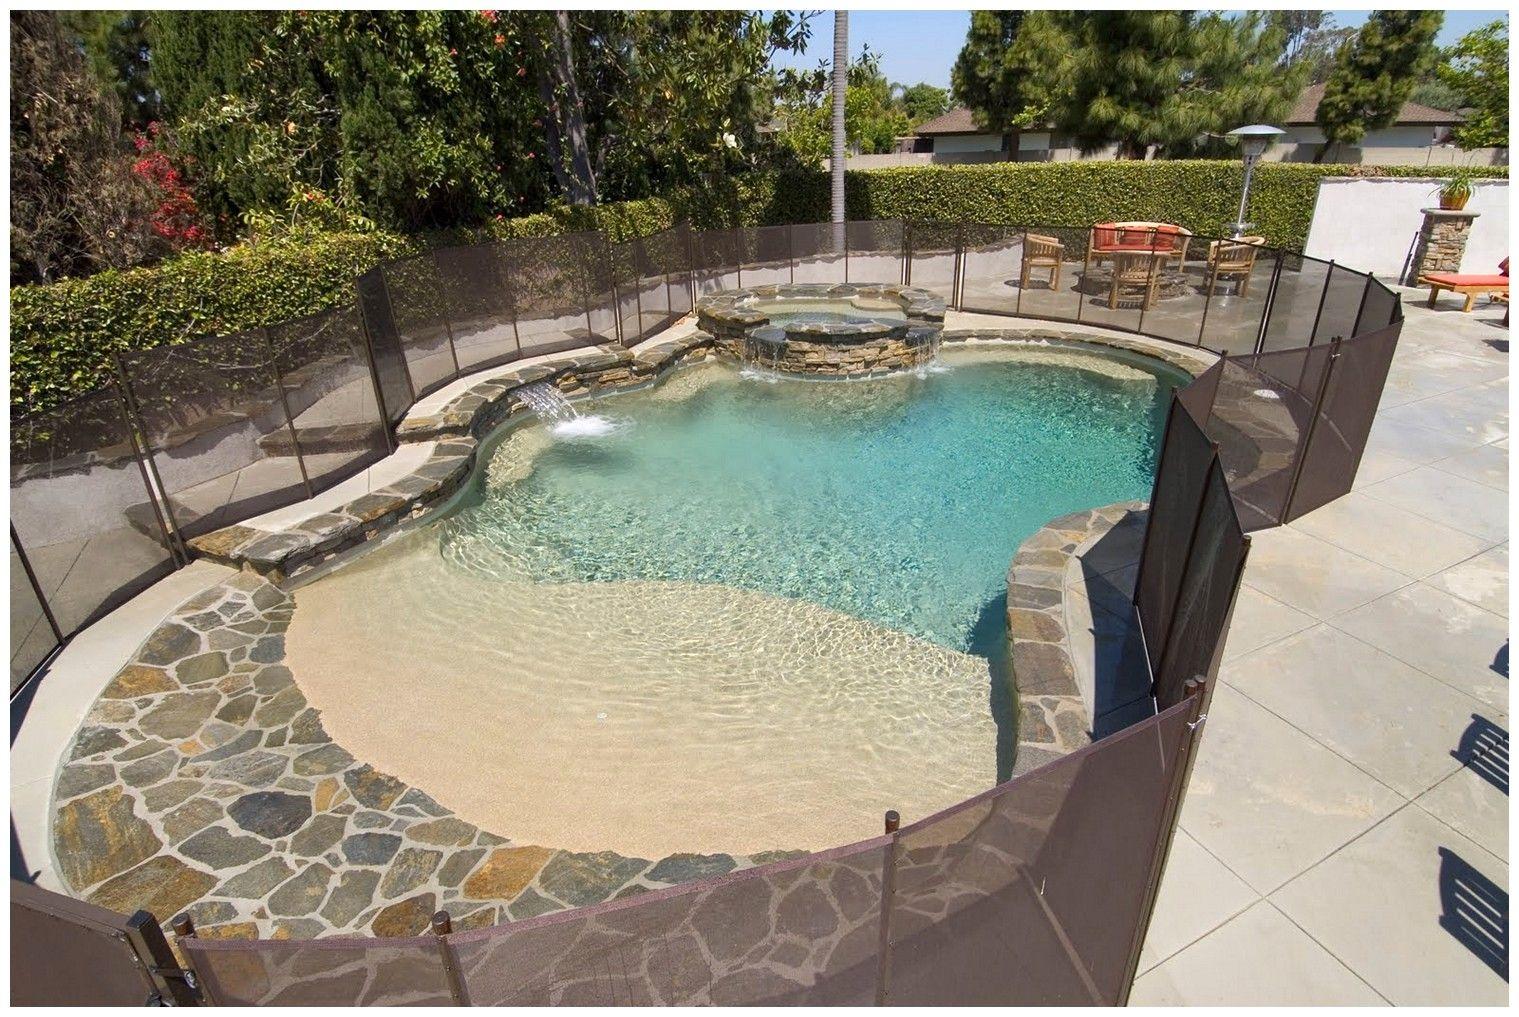 20 Unique Stock Of Zero Entry Fiberglass Pool 20962 Pool